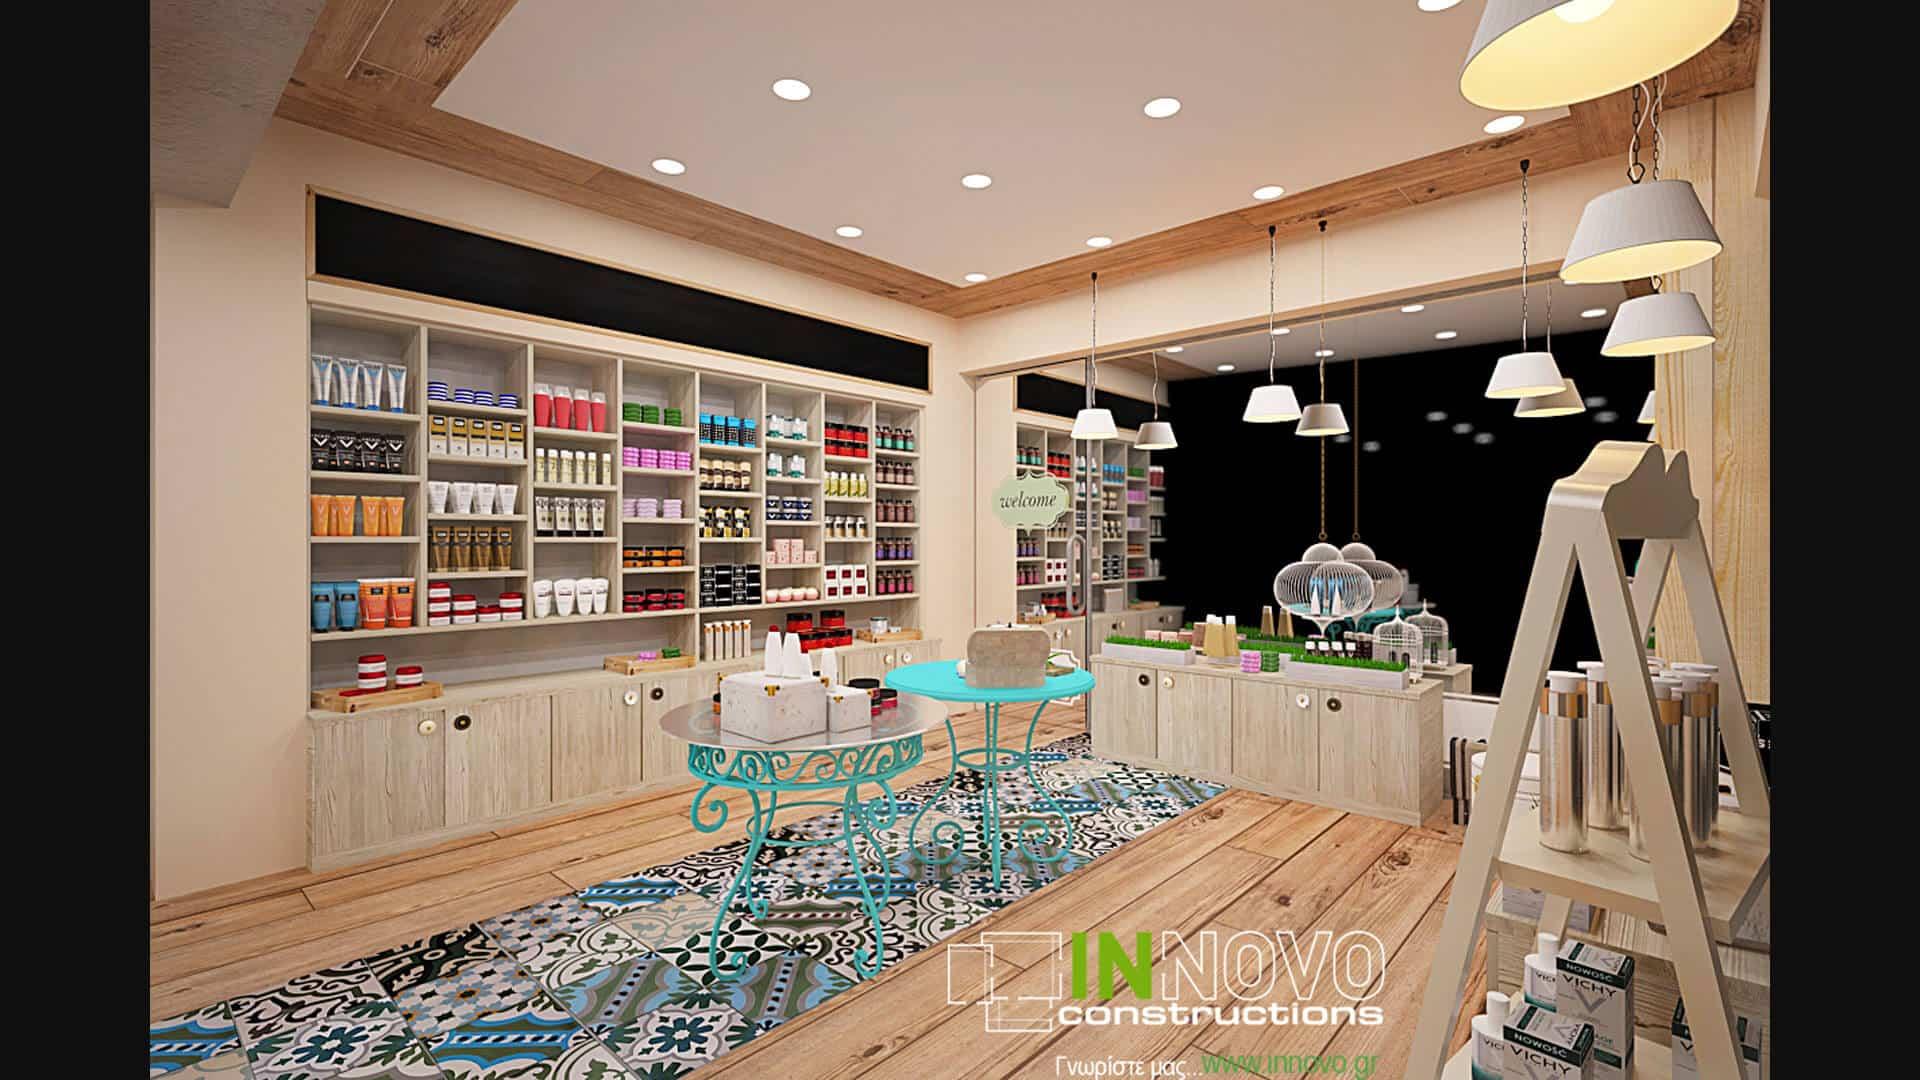 Σχεδιασμός και μελέτη χώρου φαρμακείου στην Καλλιθέα από την Innovo